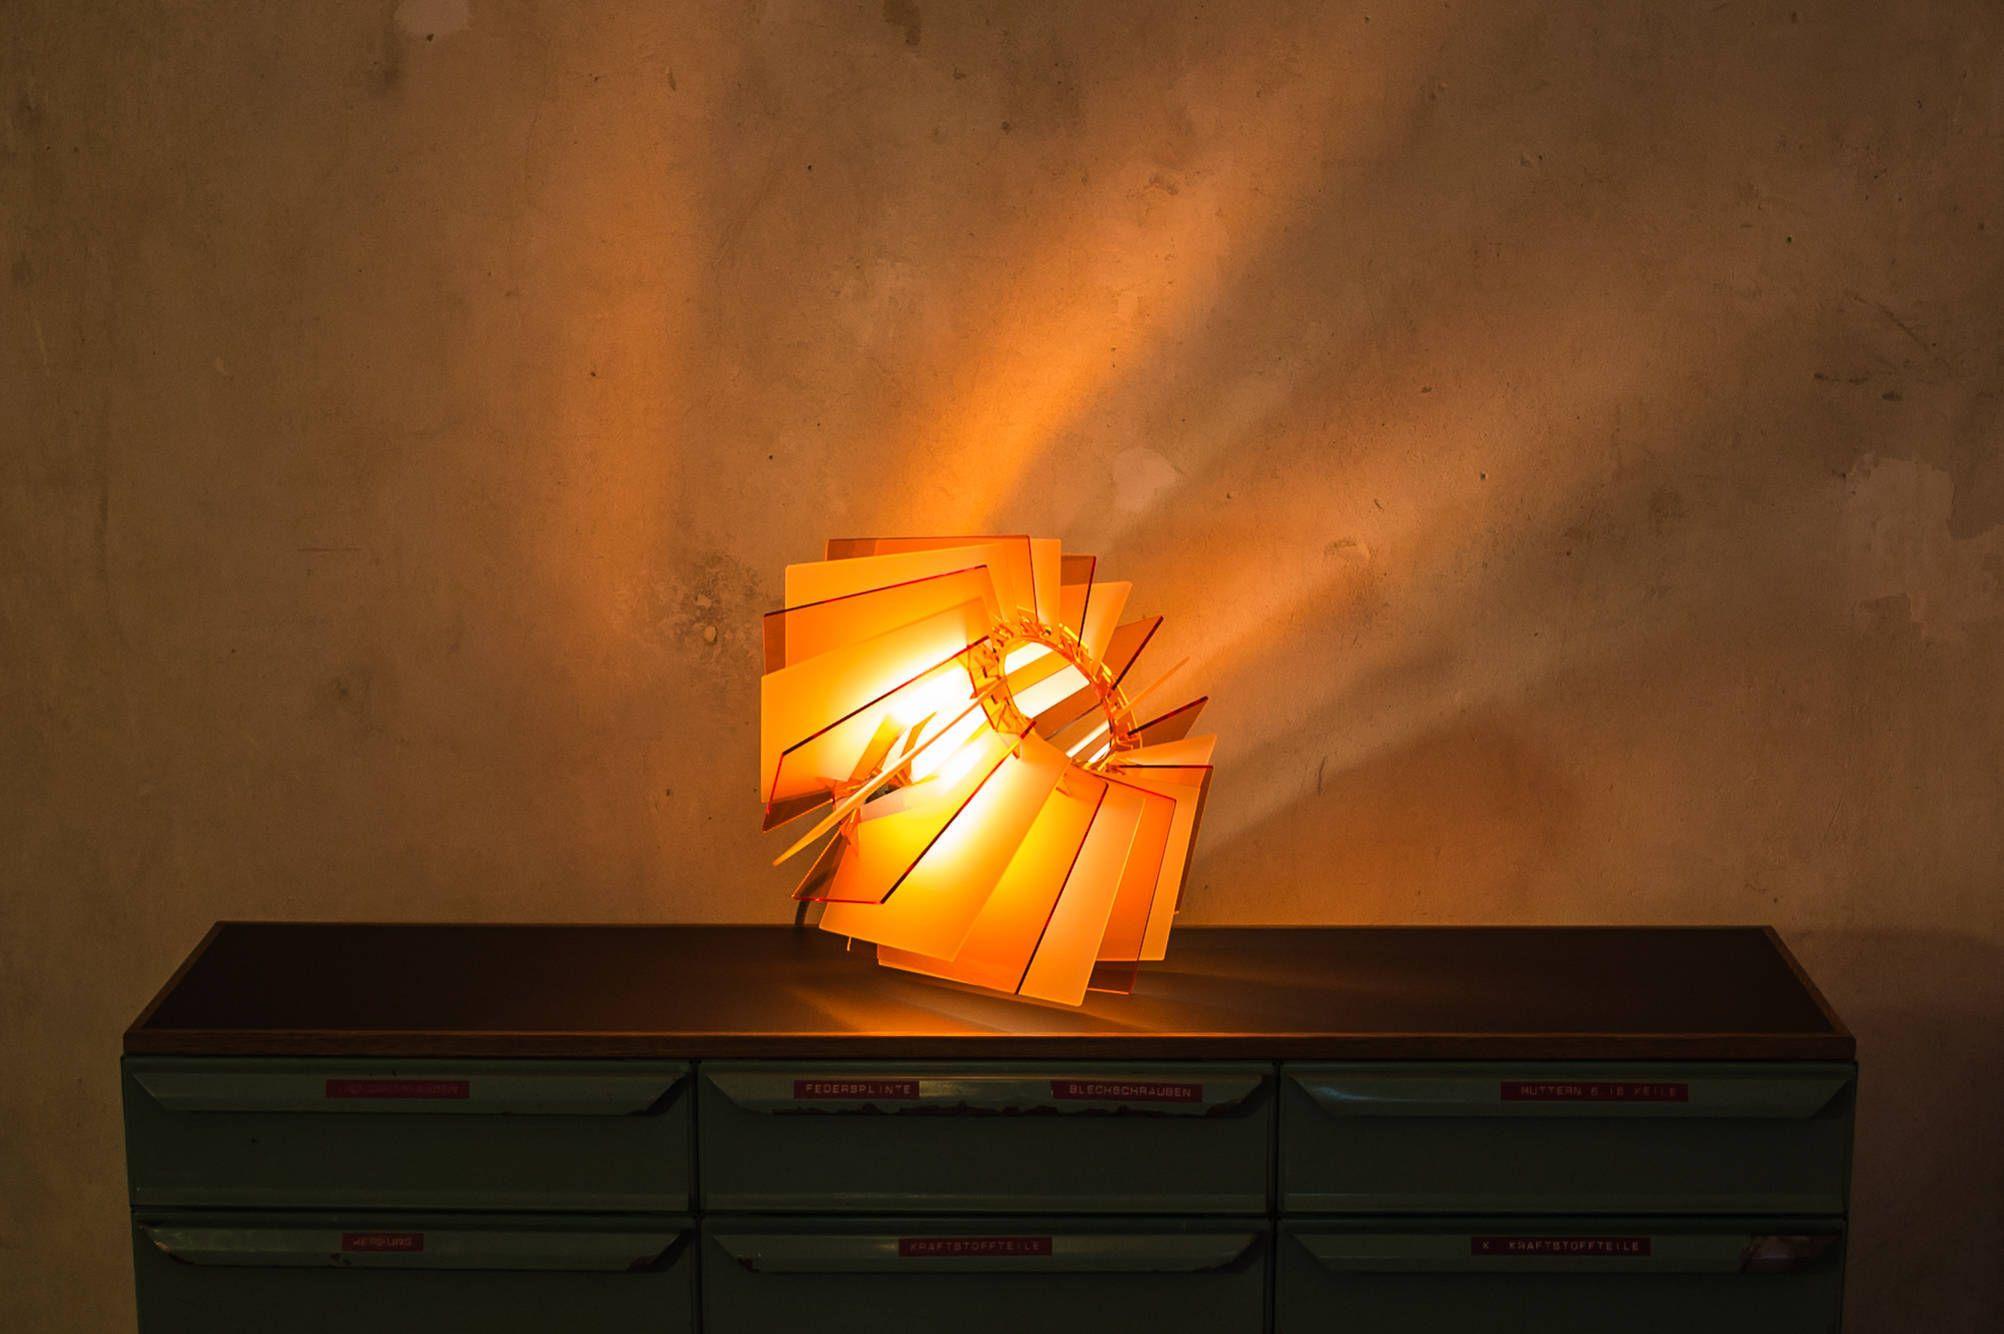 Die L16 Lampen Serie besteht aus Acrylglas und verleiht dadurch der Lampe ihren individuellen Charme. Durch die verschiedenen Färbungen und Durchlässigkeiten des Acrylglas entsteht eine besonders angenehme und individuelle Beleuchtung.  Lampe orange, Lampenschirm grafisch, Glasleuchte weiss, Hängelampe, Boden Lampe Wohnzimmerlampe, Esstischleuchte, hipster lampe, sale von UnikatUndKleinserie auf Etsy